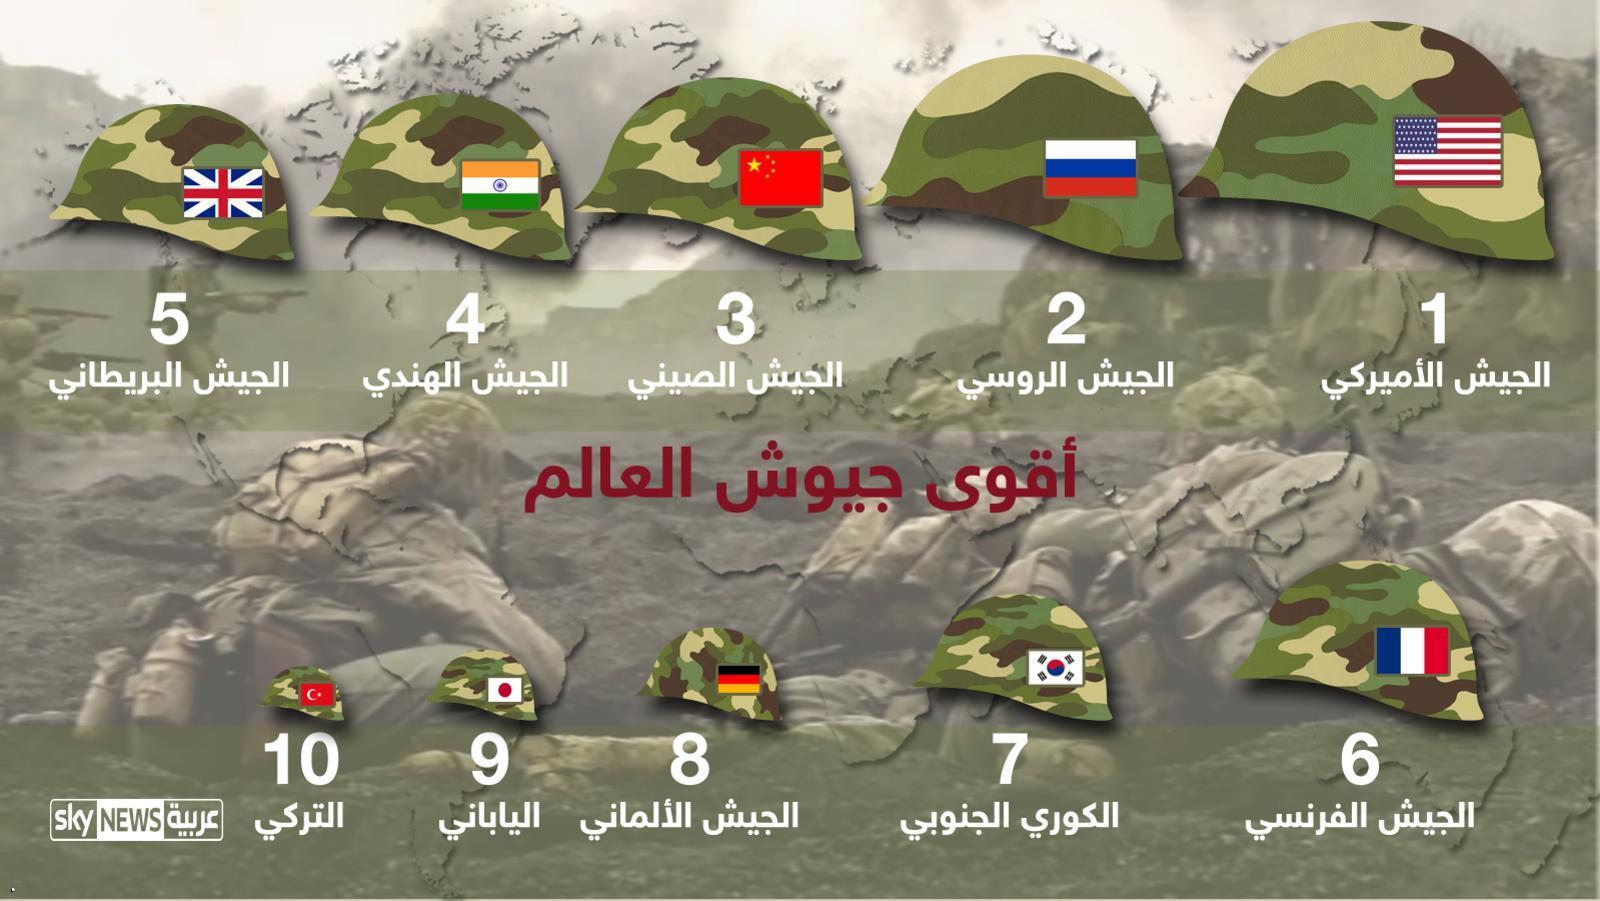 بالصور اقوي جيش في العالم , قائمة باقوي الجيوش في العالم 2968 3